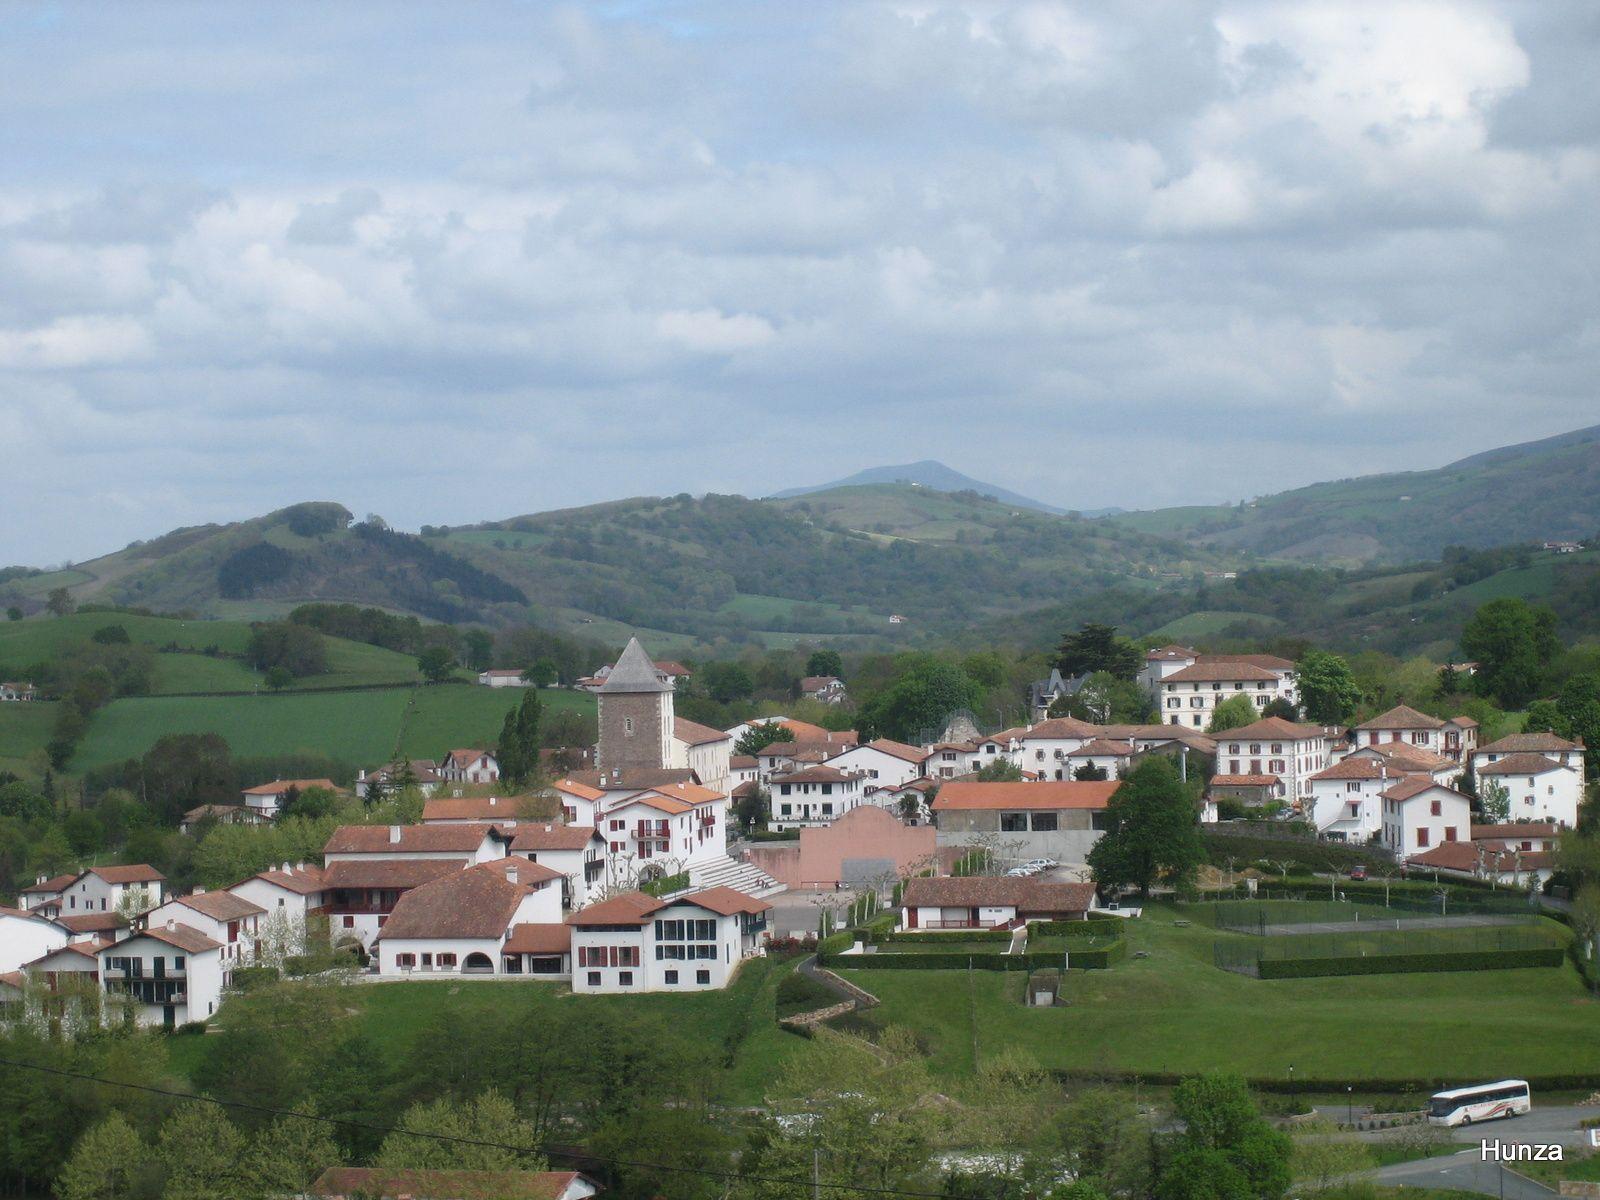 Découvrir la beauté du Pays basque en images